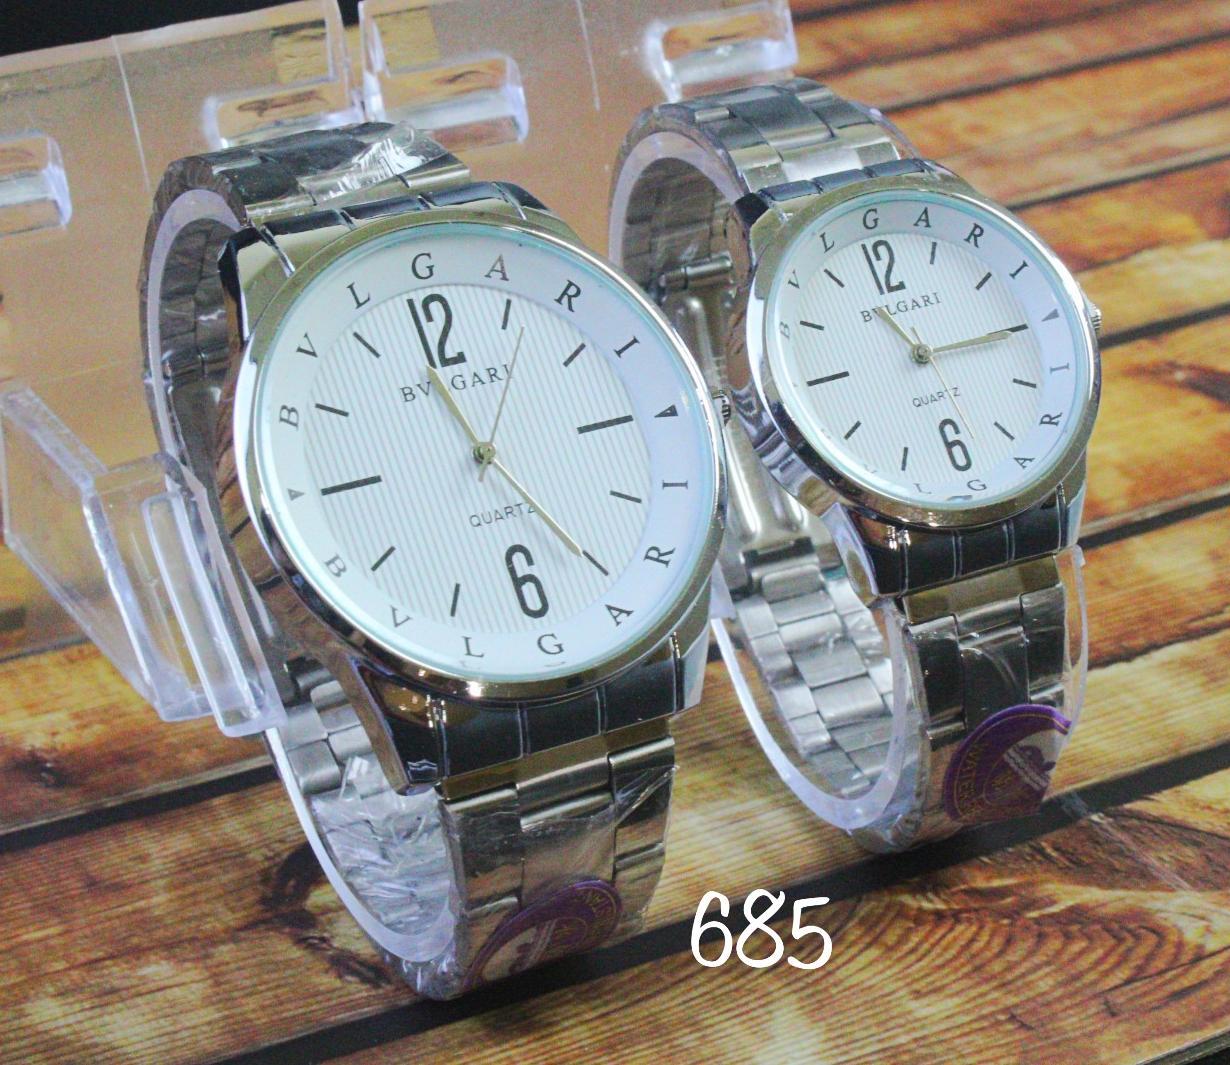 jam tangan couple Bvlgari / jtr 685 white NEW